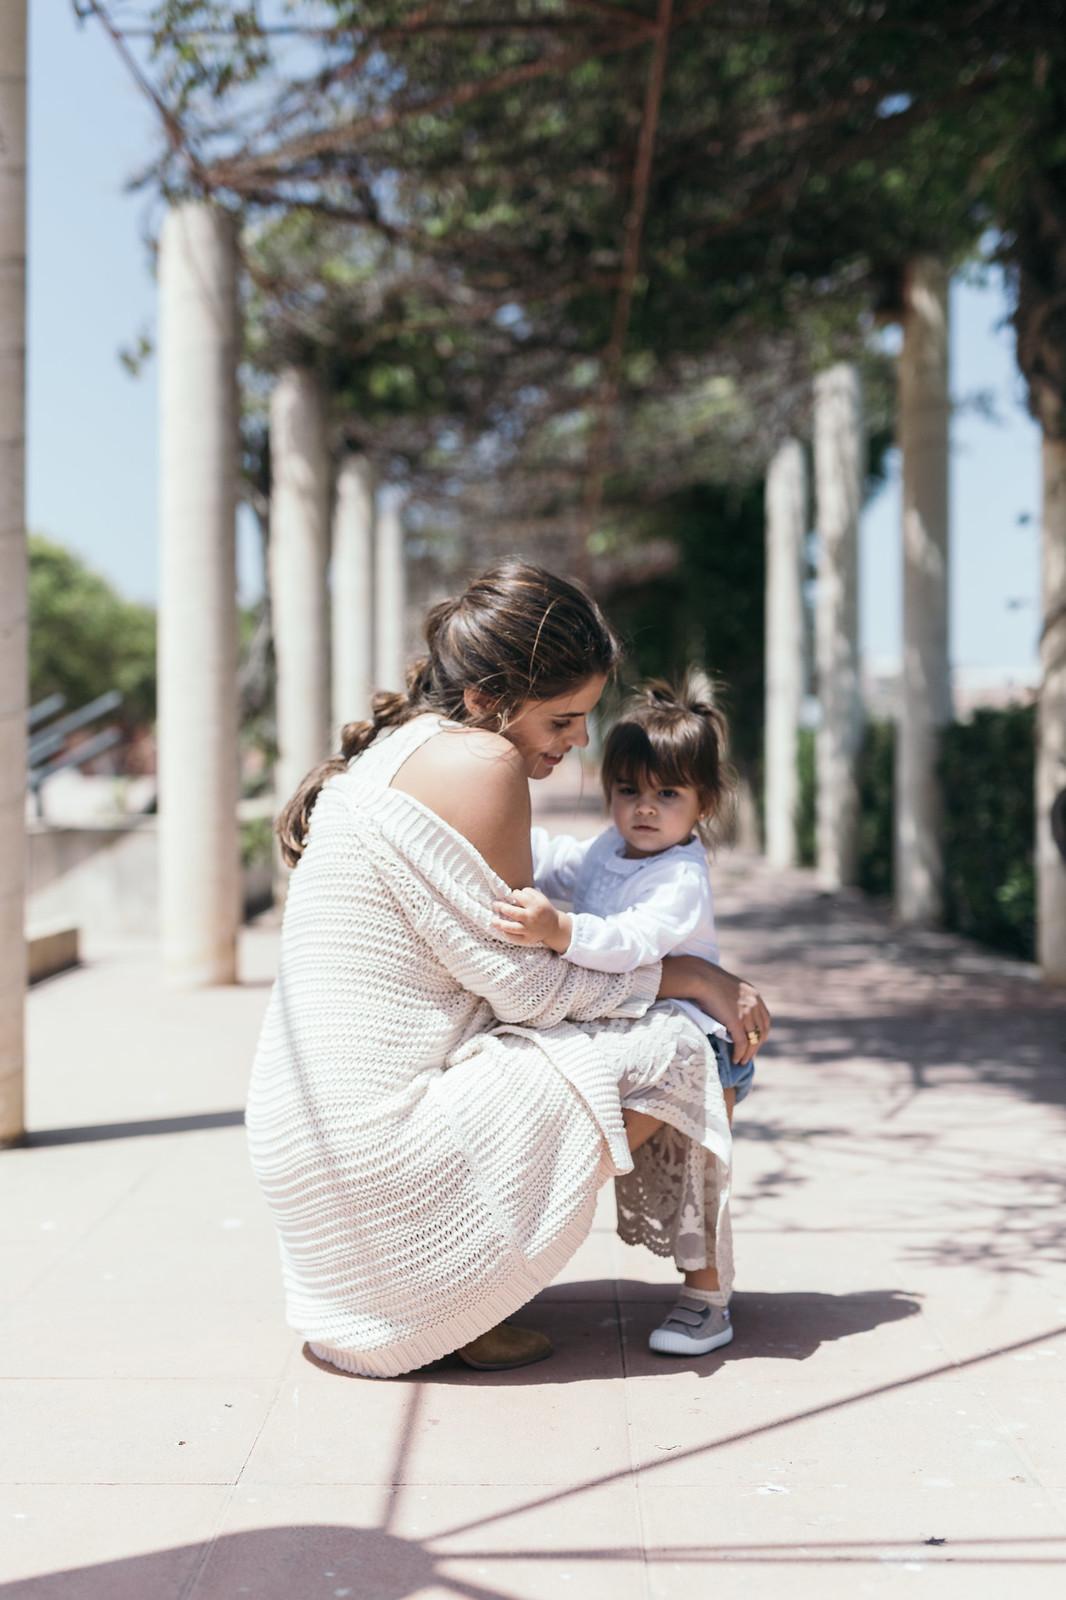 Jessie Chanes - Seams for a desire - El Corte Ingles - Giftlist - Lista de regalos dia de la madre -5